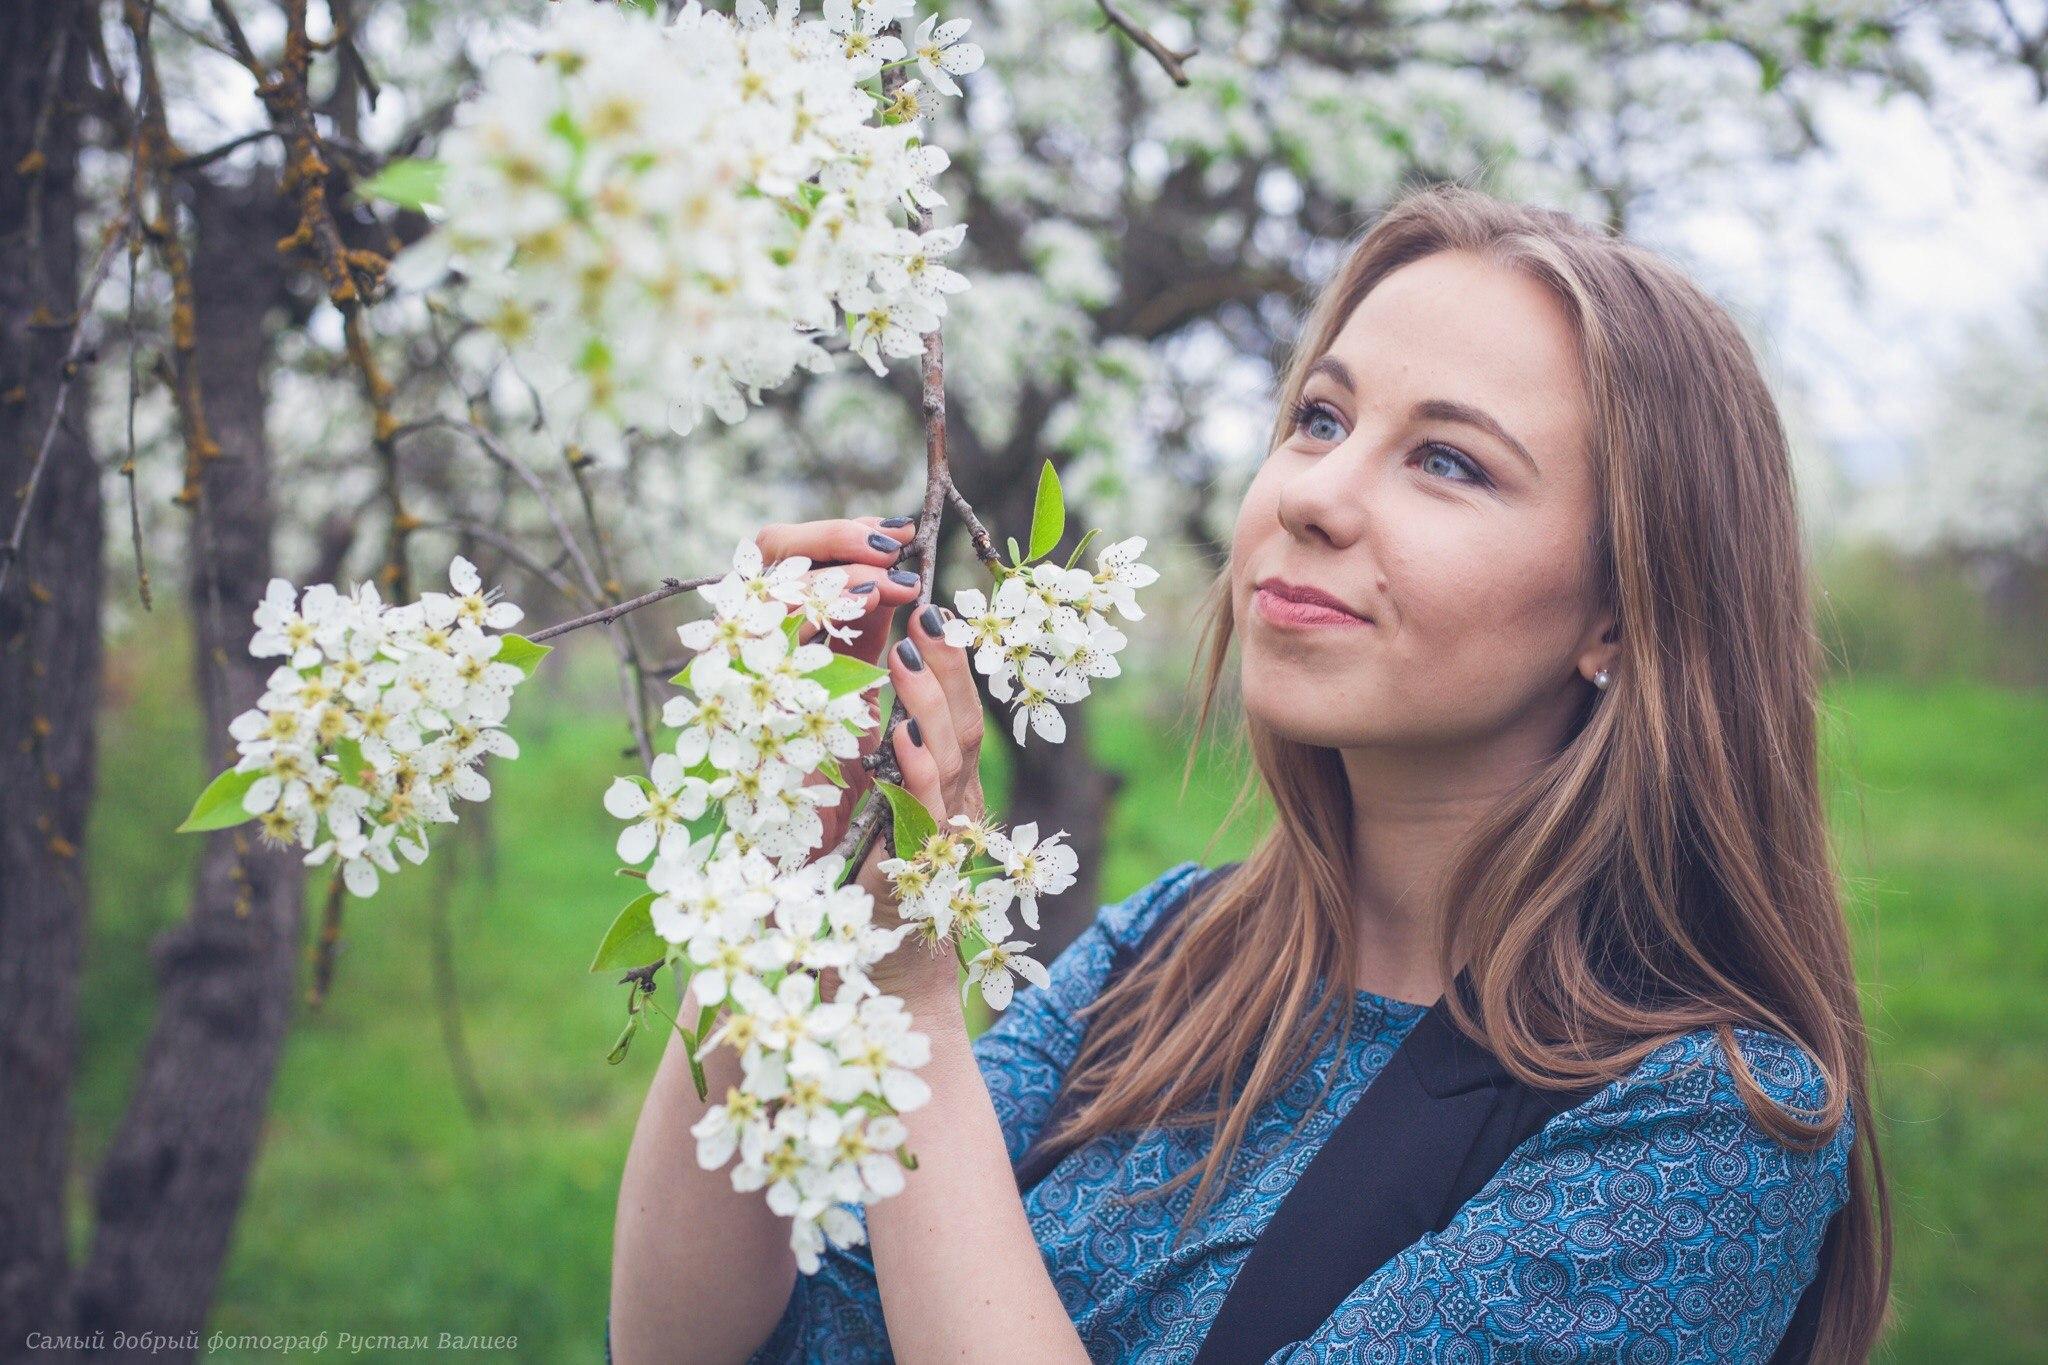 Карина Руденко